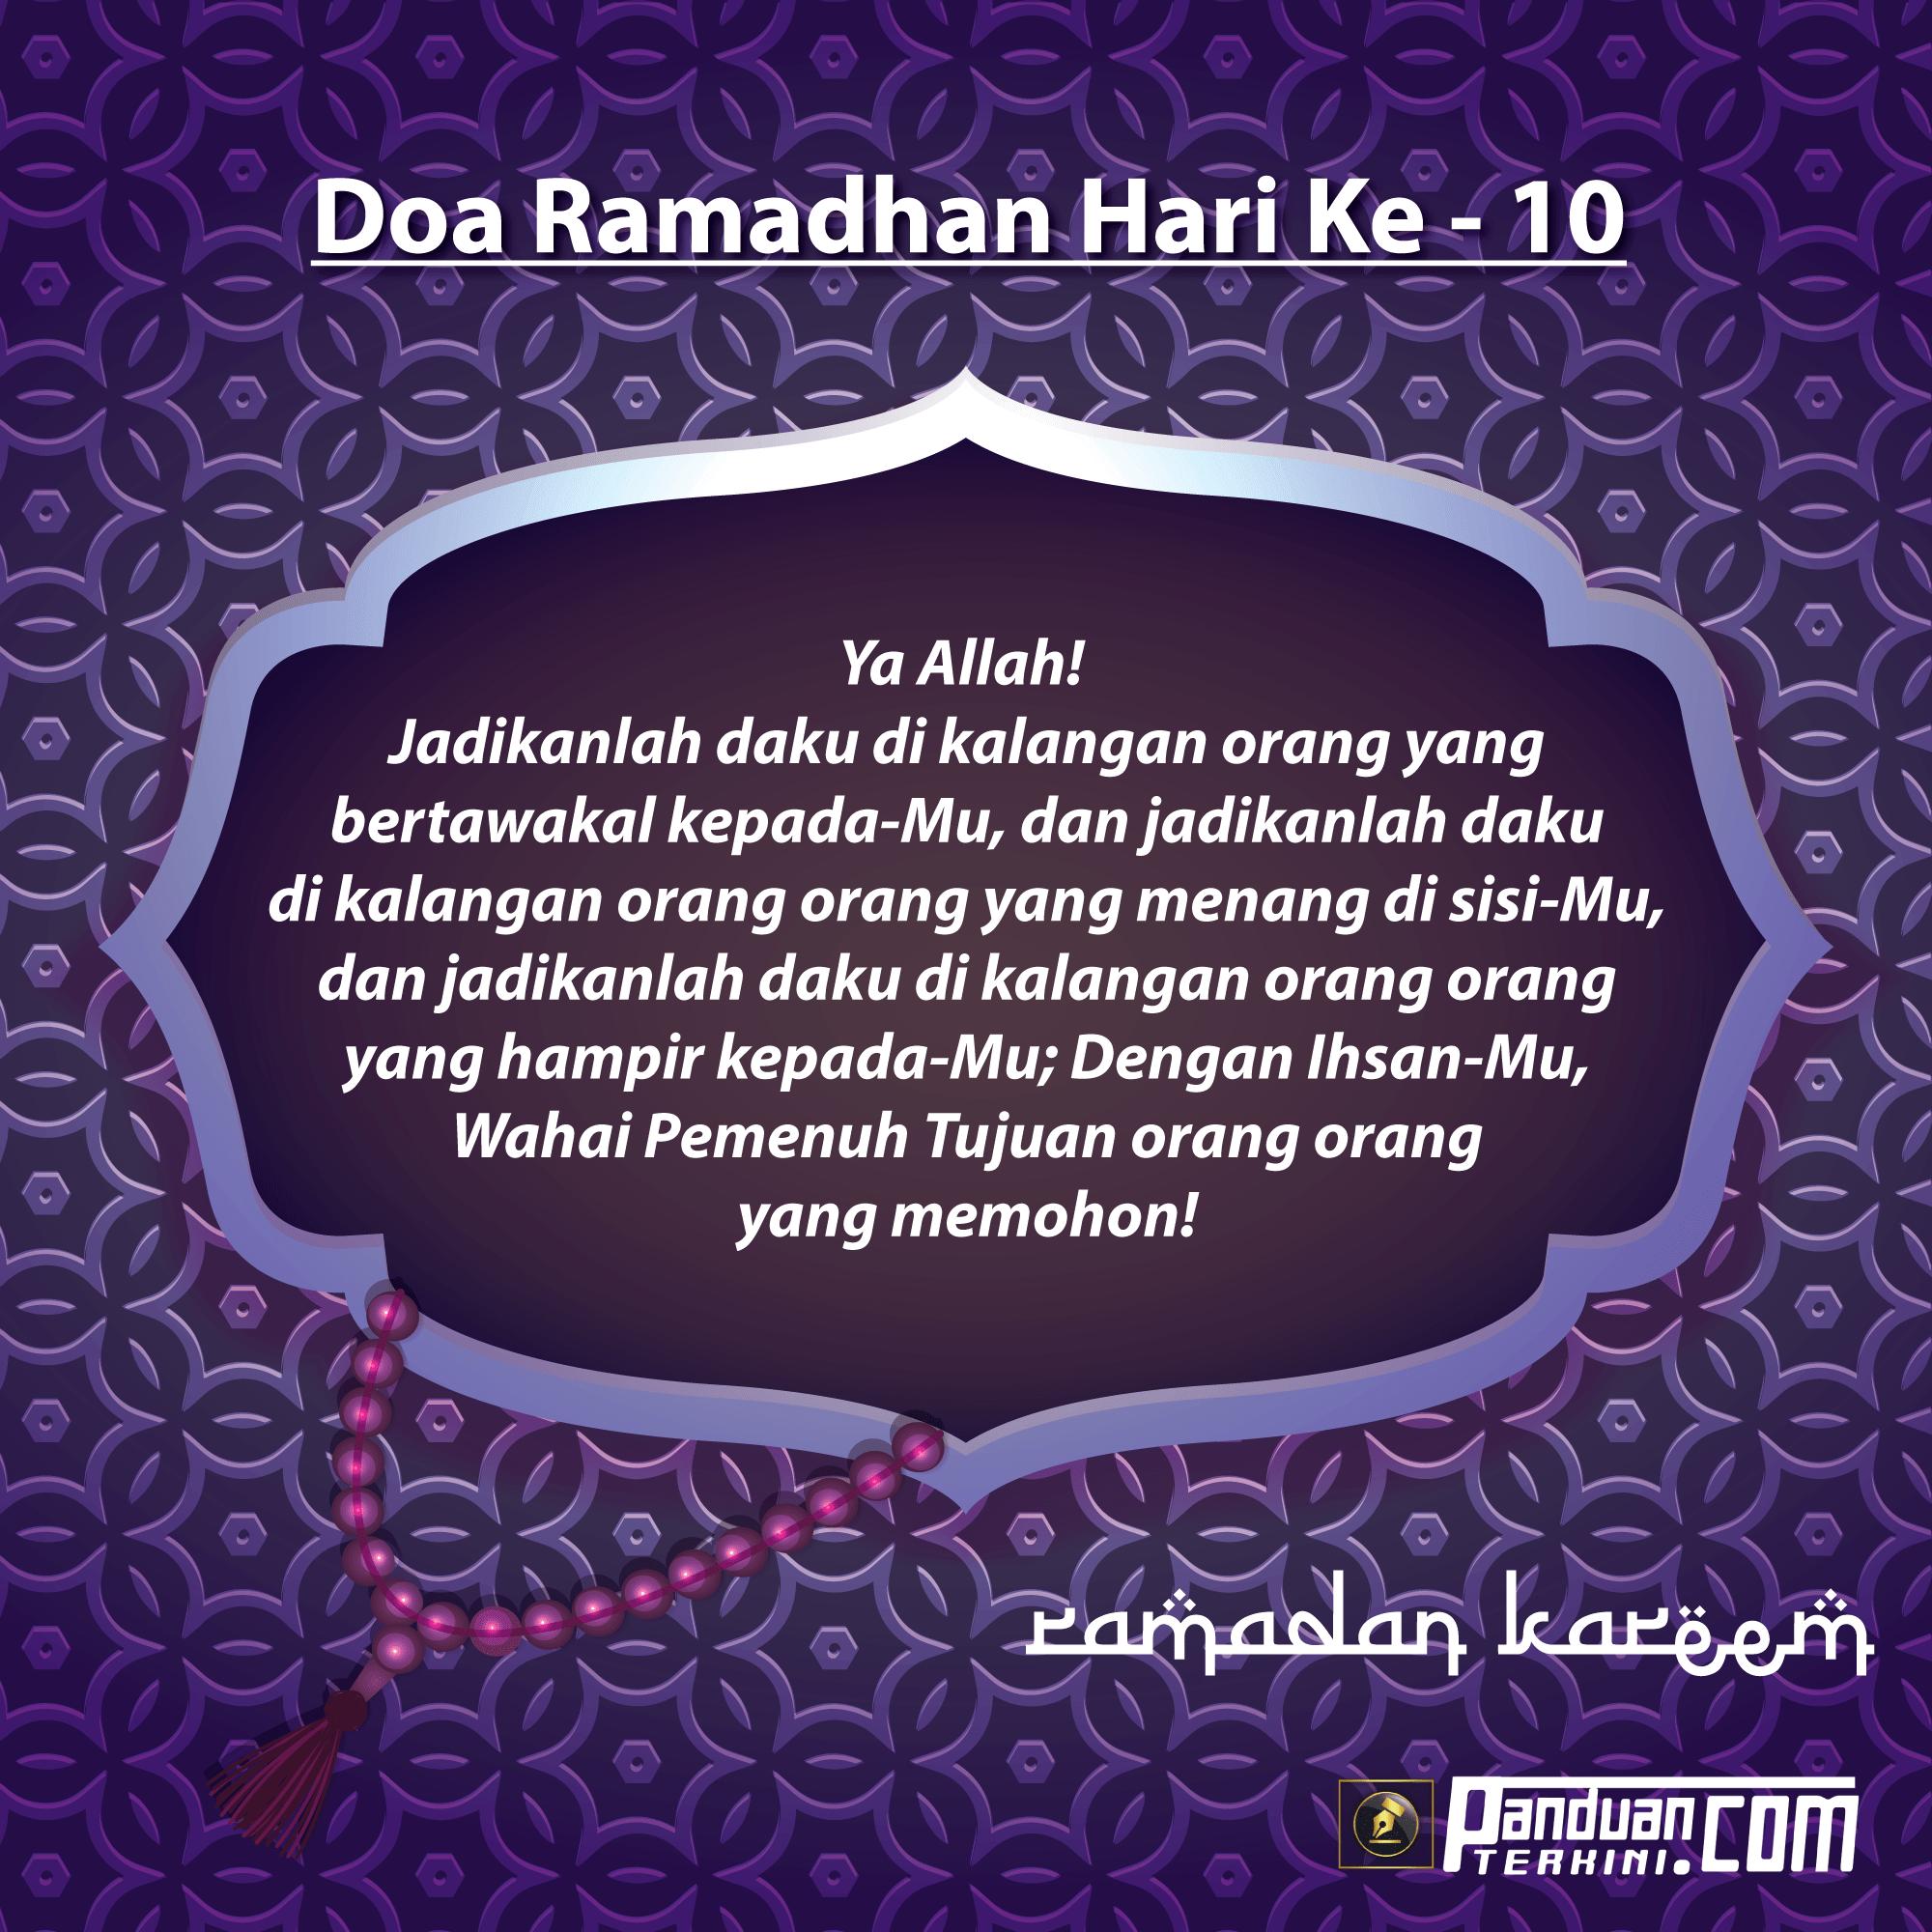 Doa Ramadhan Hari Ke-10